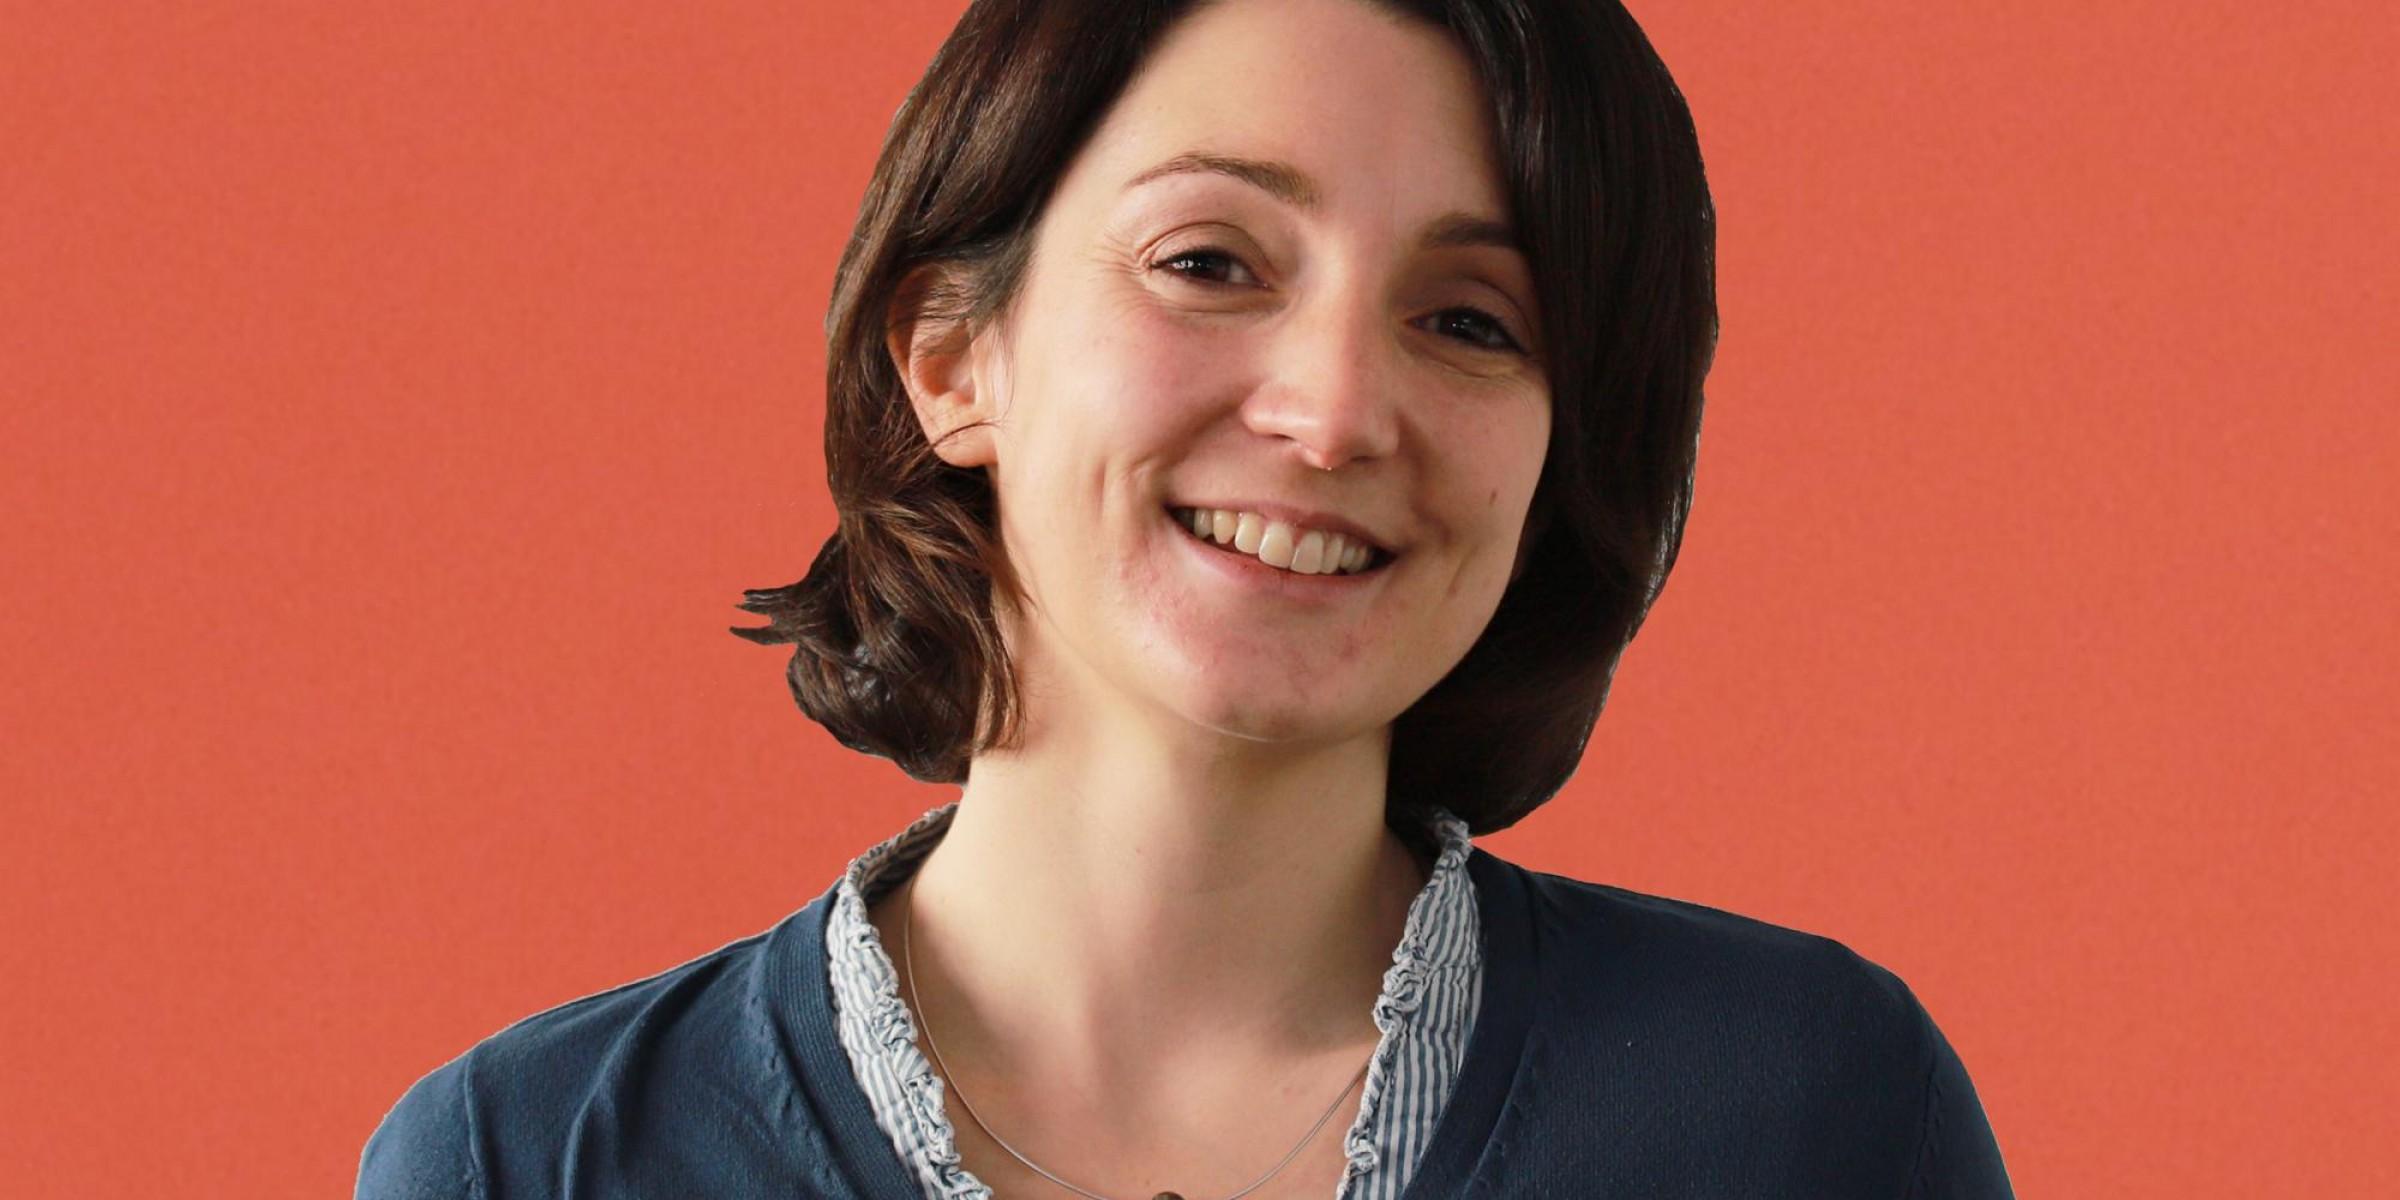 Arrivée à l'AURH : Emilie Lebrun, référente tourisme et attractivité